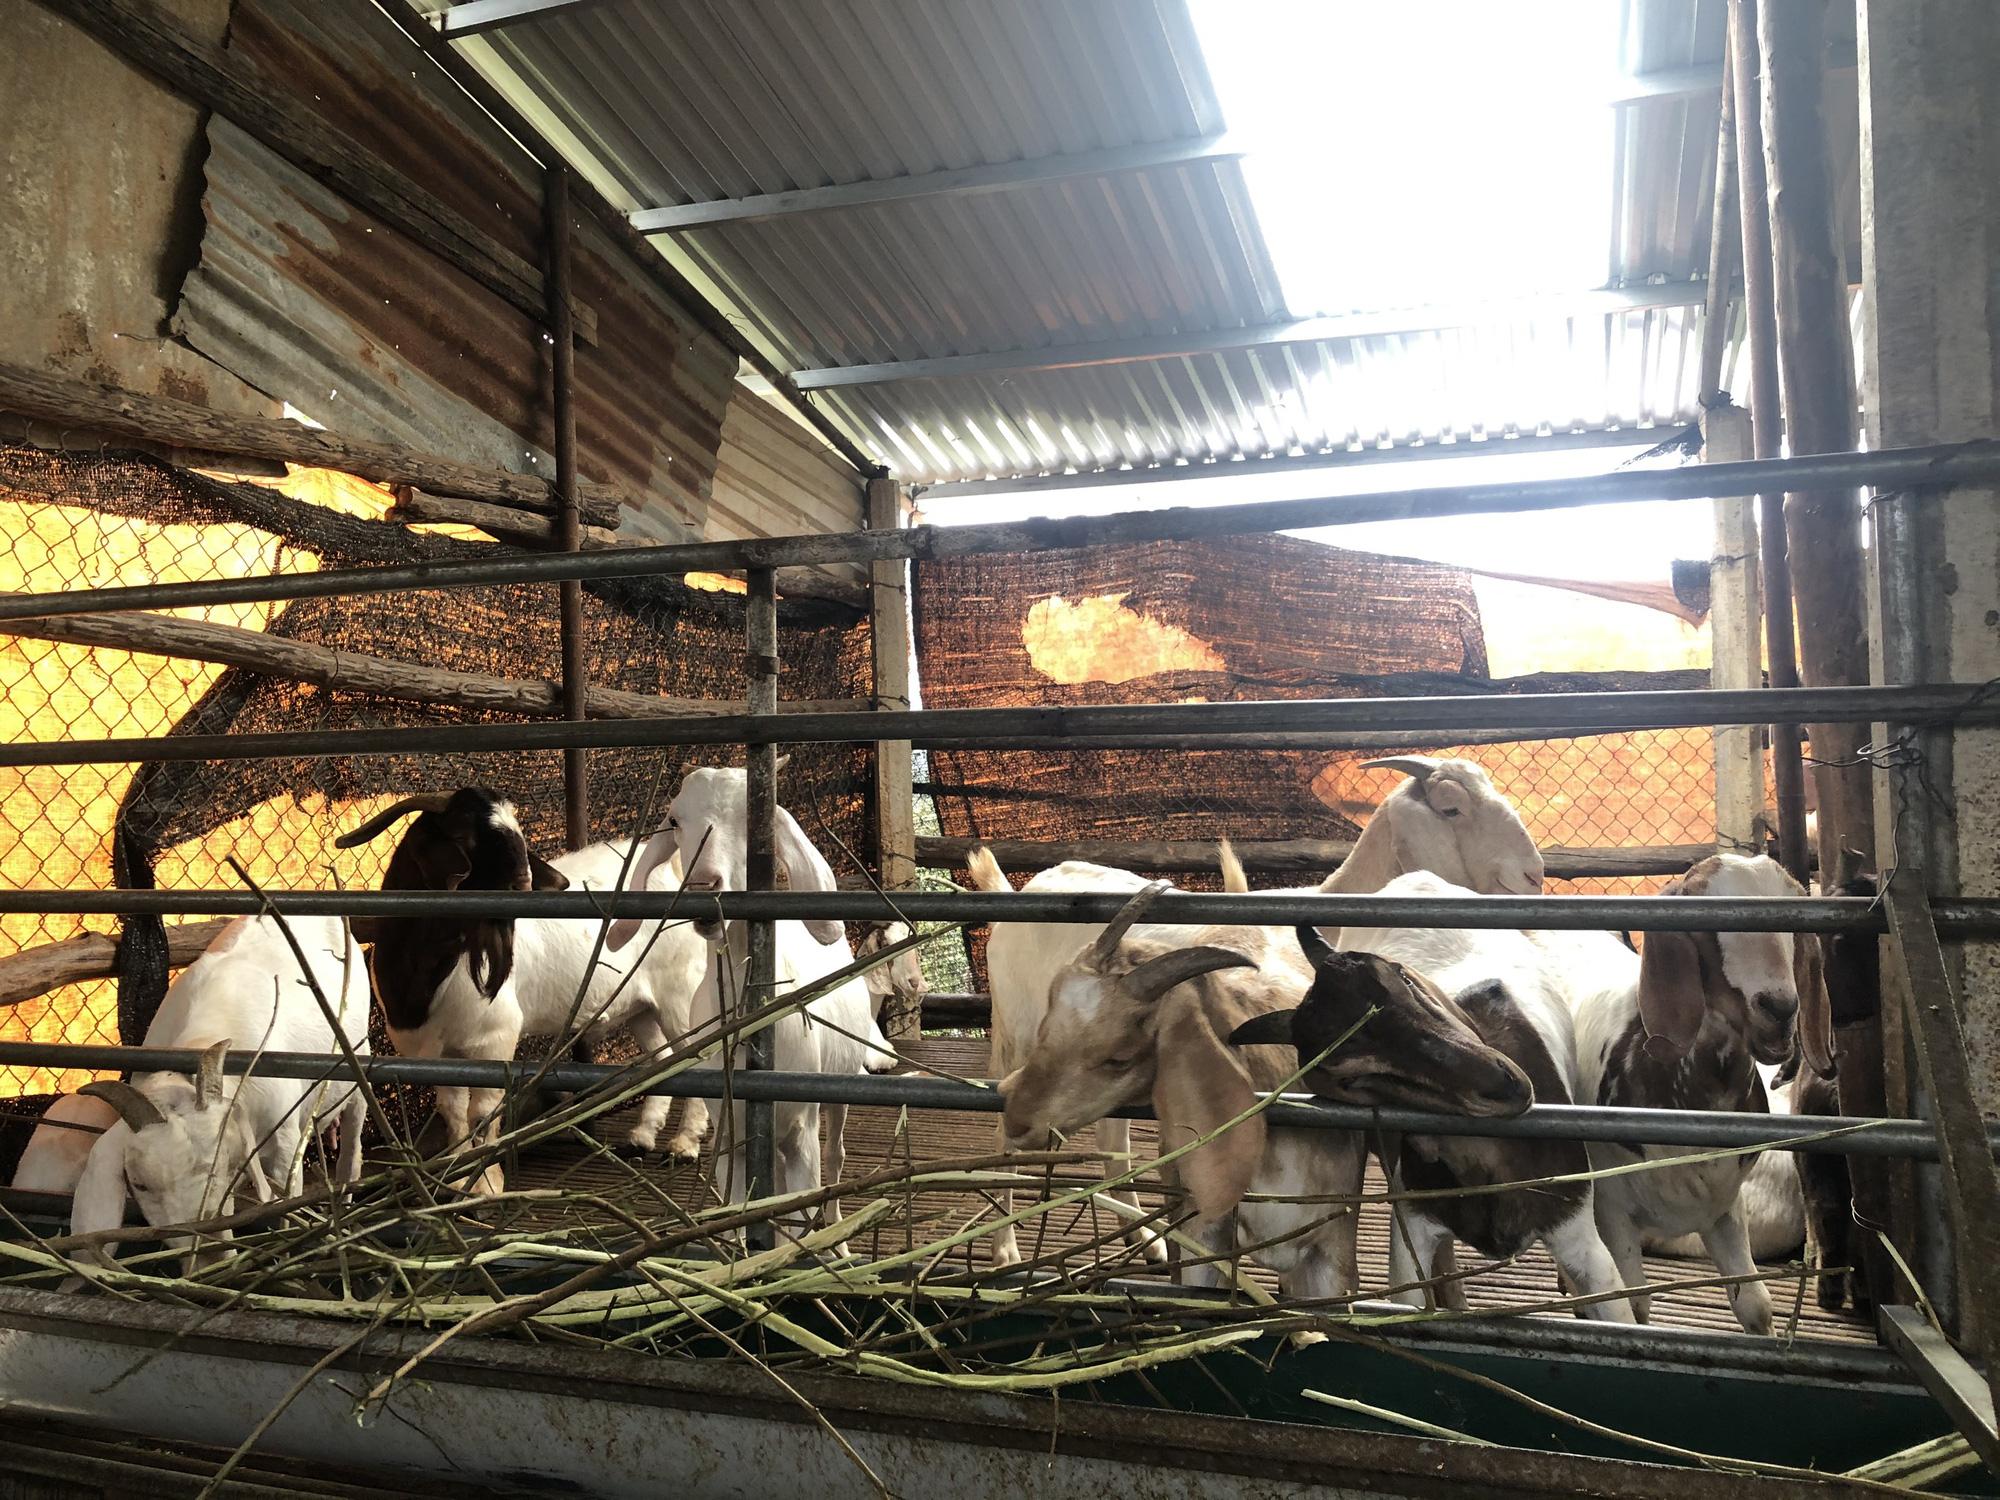 Lãi hàng trăm triệu đồng/năm vì nuôi dê Bo, nông dân bật mí kinh nghiệm - Ảnh 3.